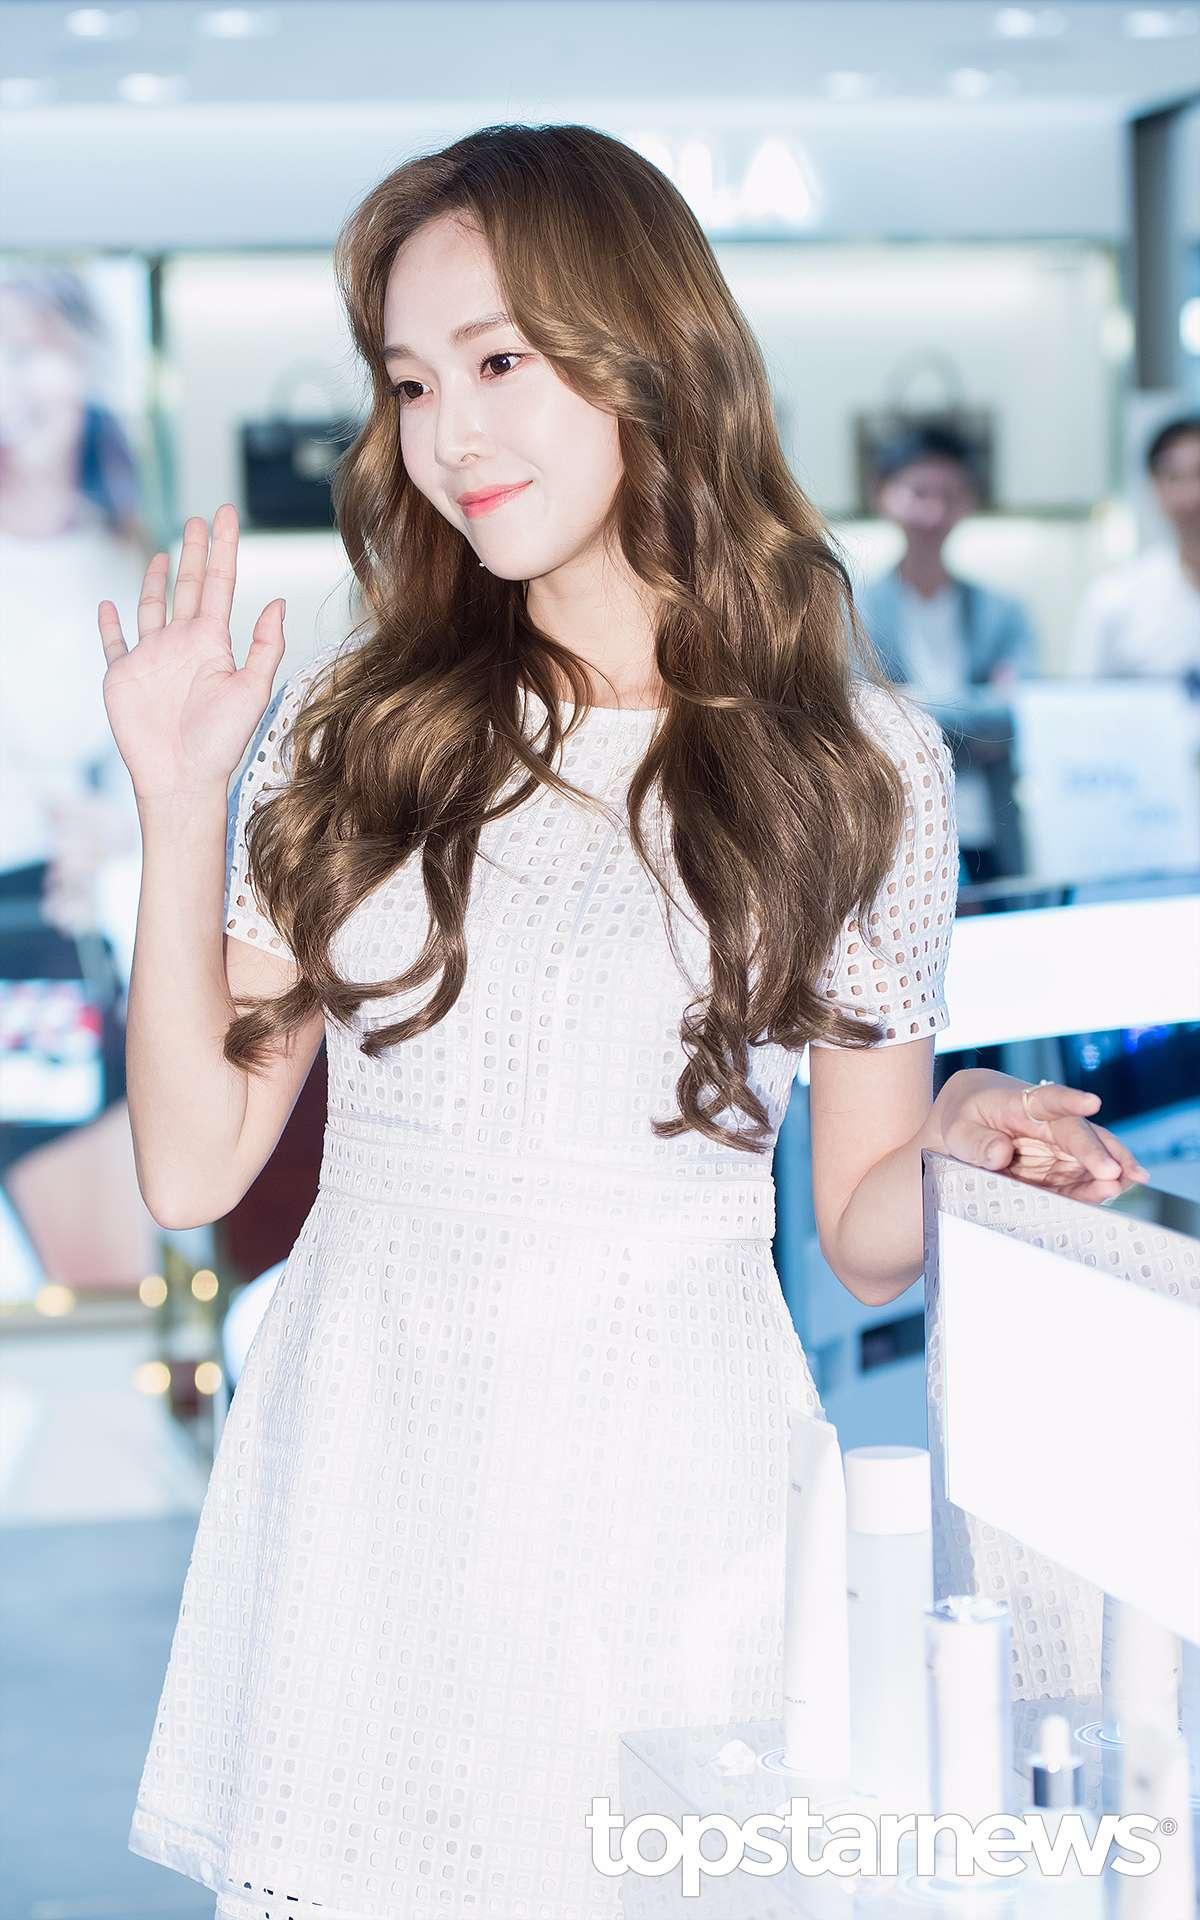 日前Blanc & Eclare在韓國首爾的首個快閃店成立,而她也現身並舉辦粉絲簽名會見見久違的粉絲們